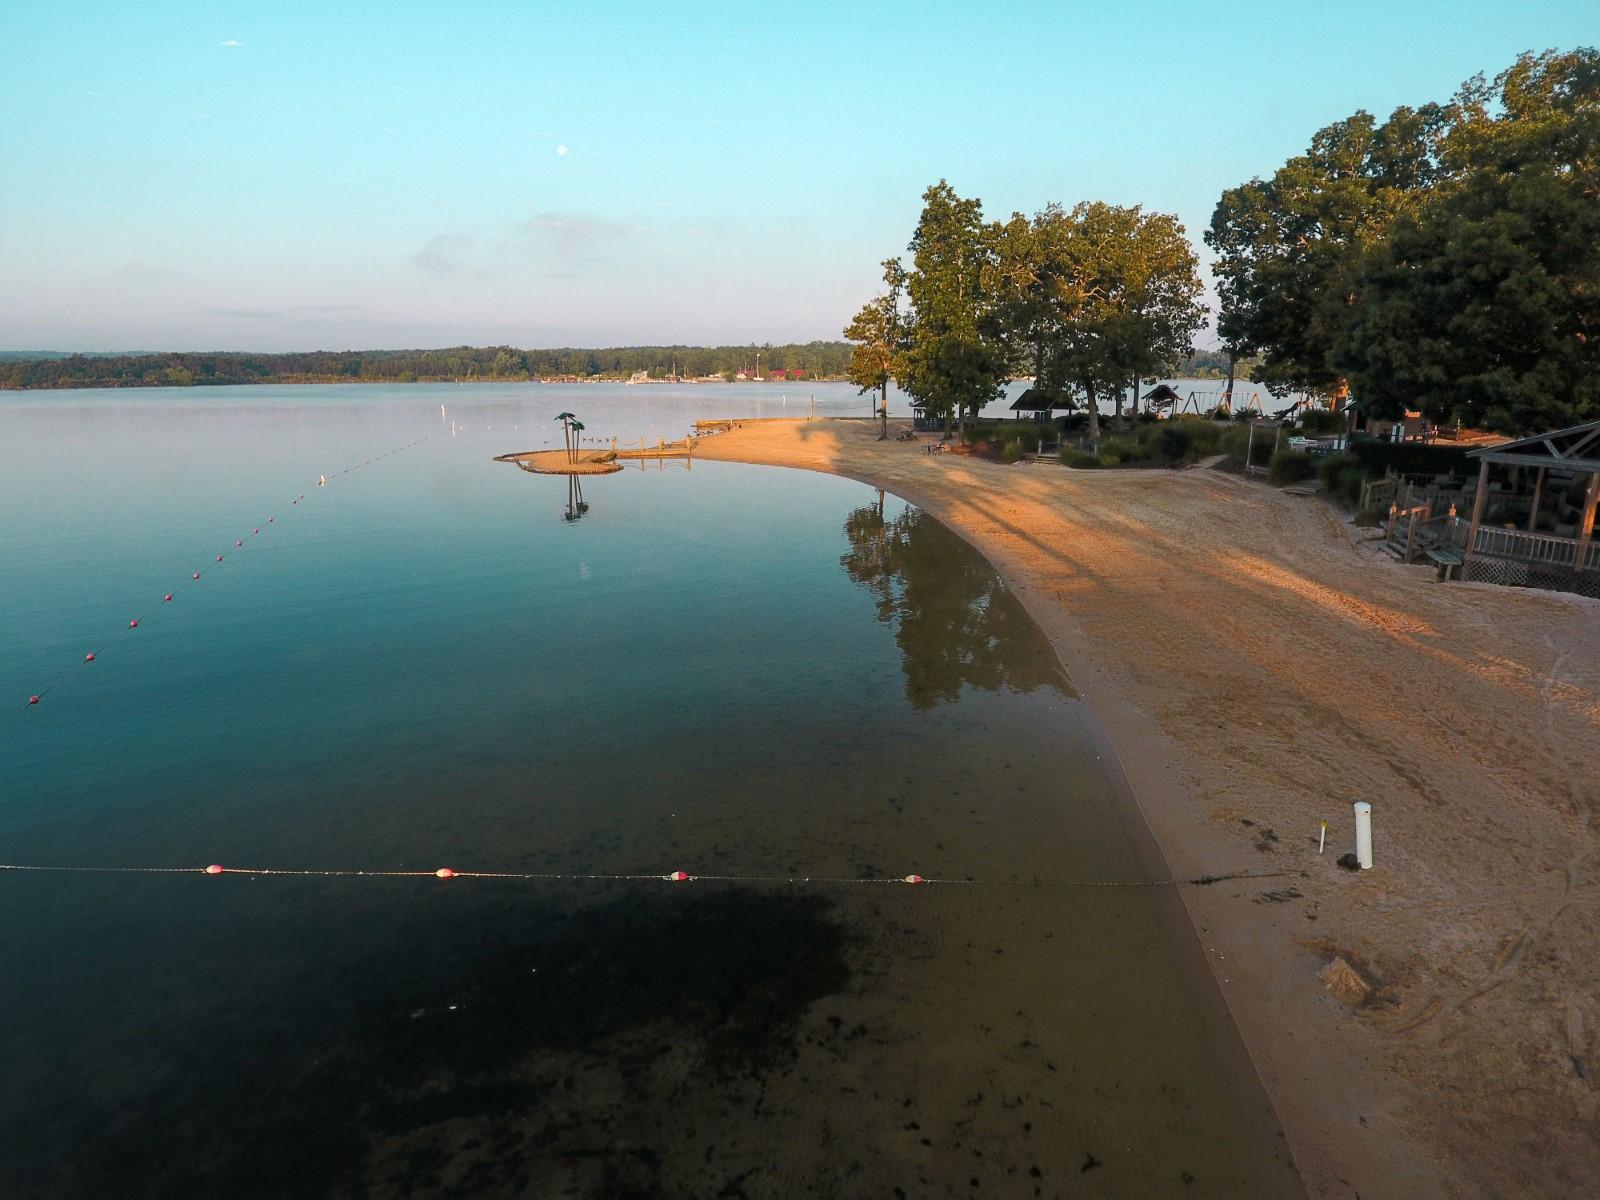 lake-tansi-village-resort (6)